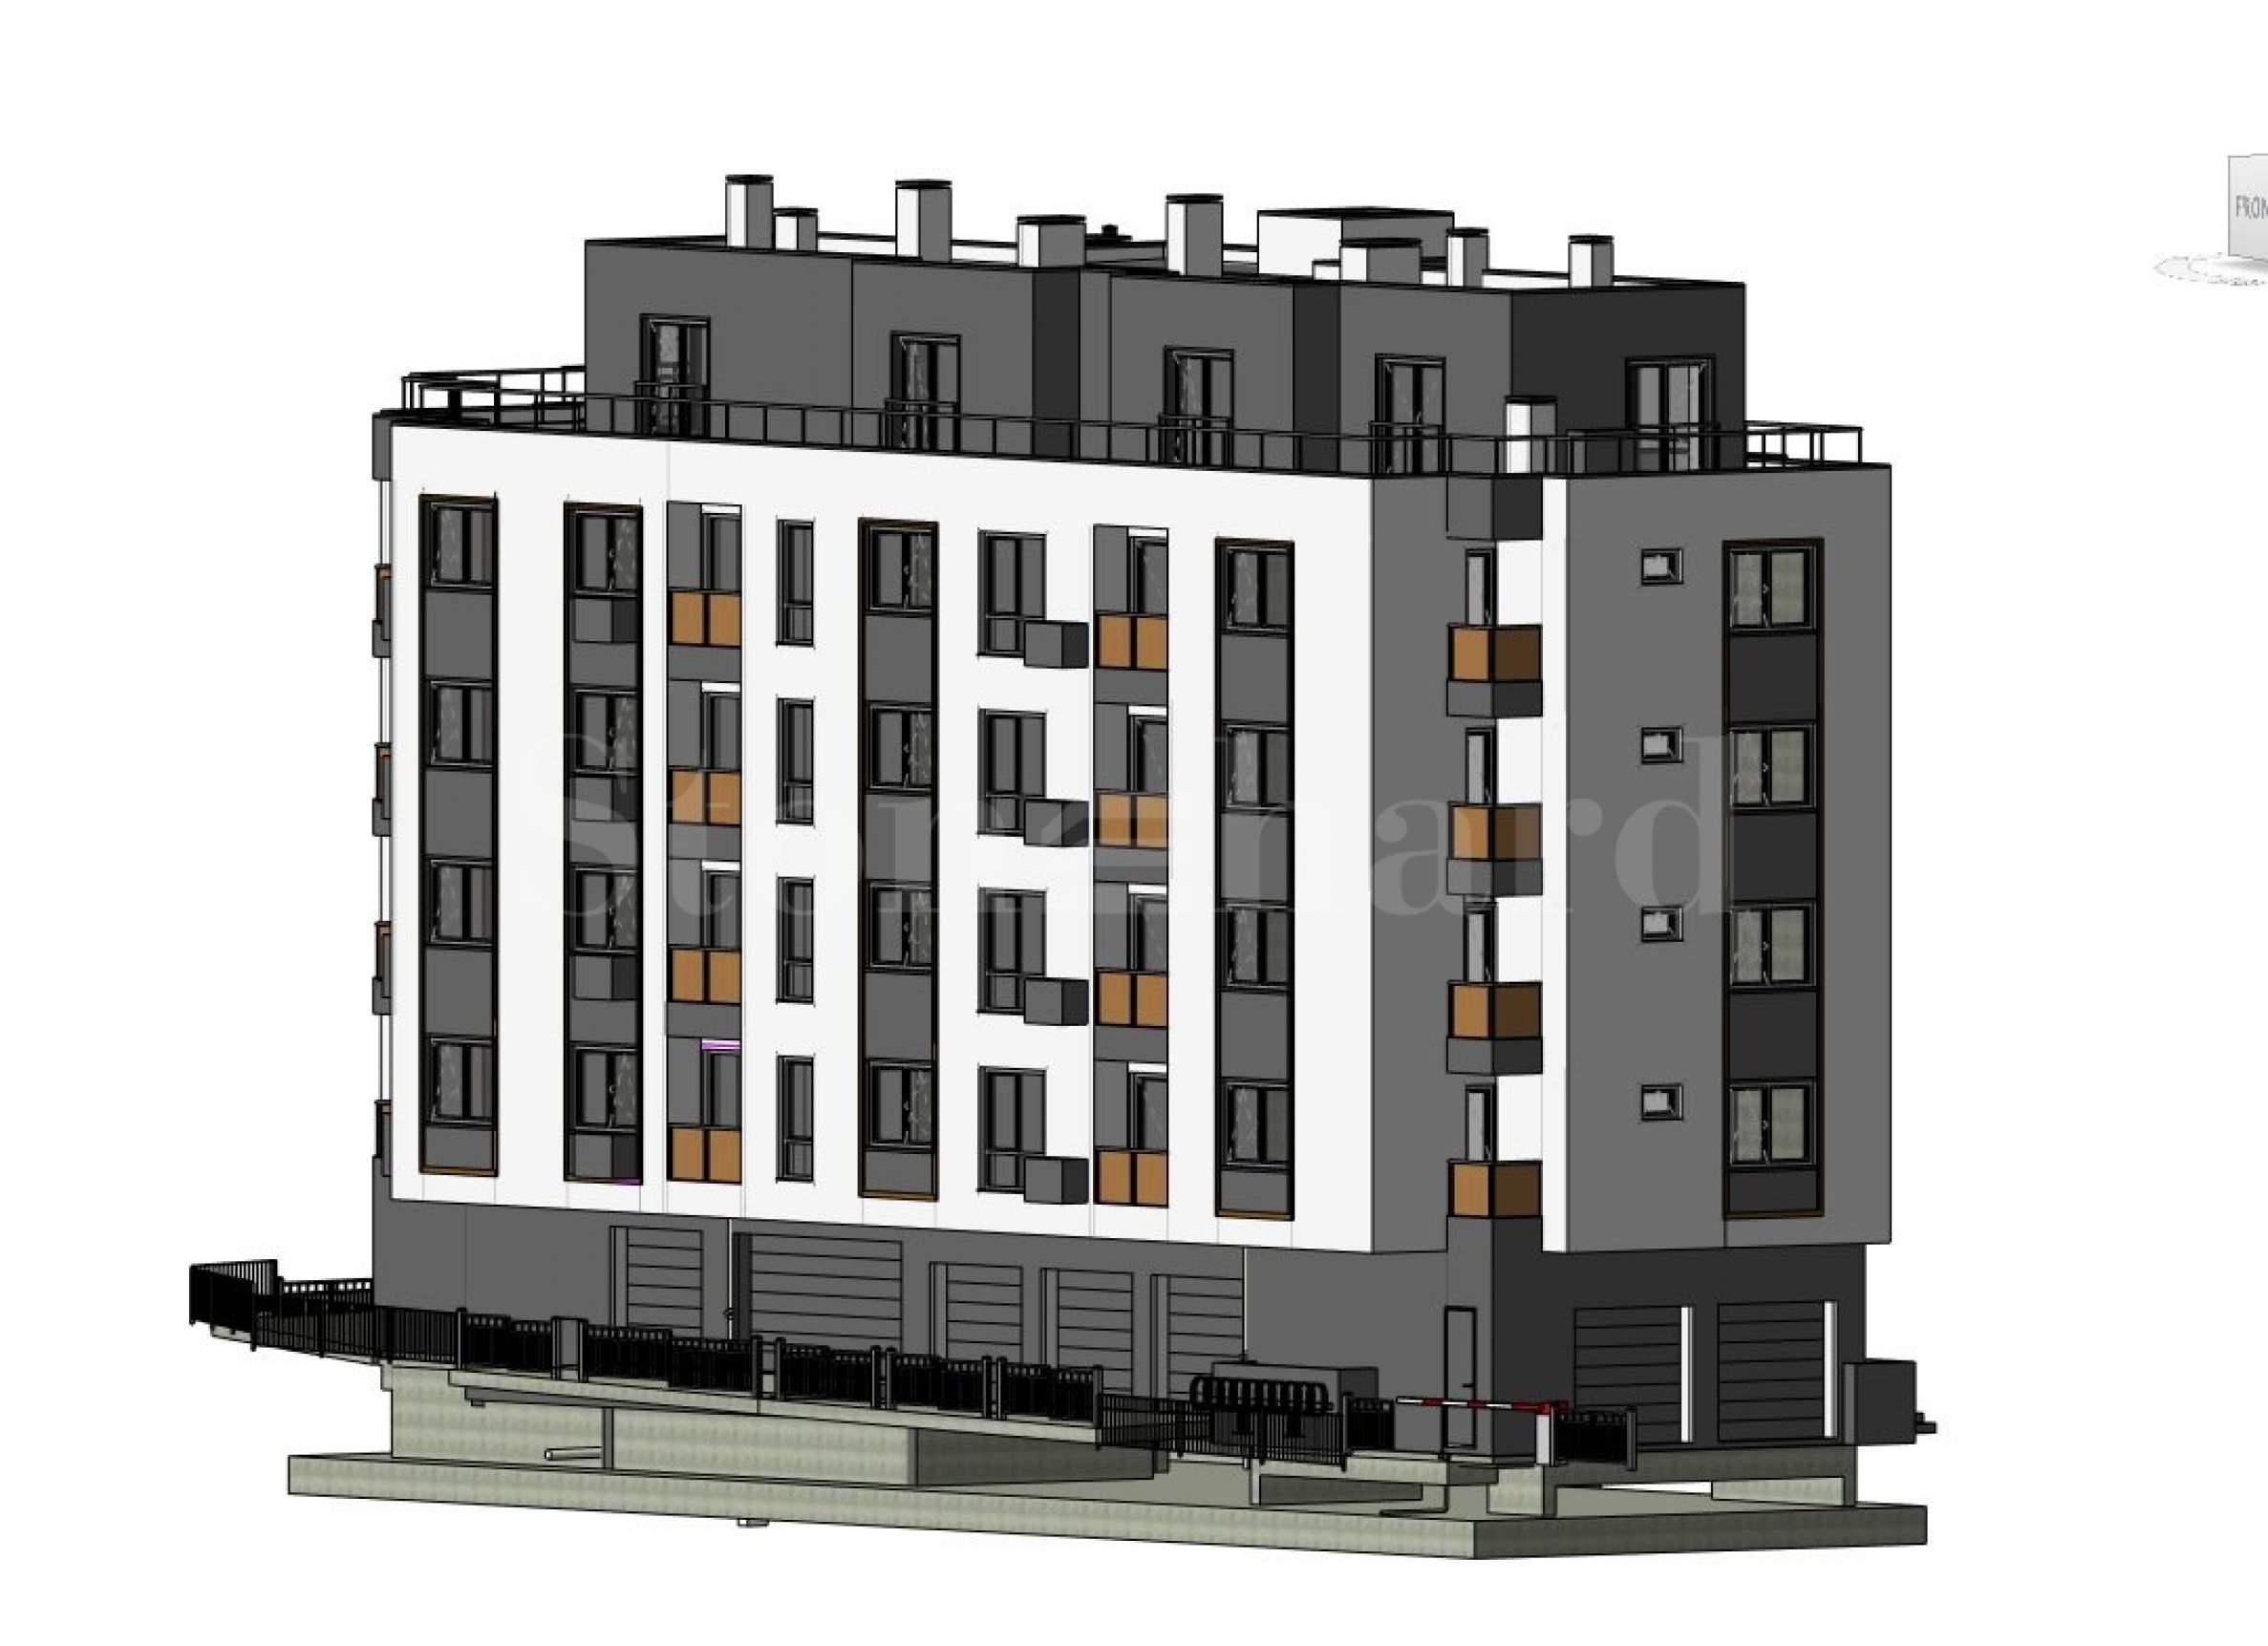 Хубава нова сграда в строеж, с просторни апартаменти в предпочитан район 2 - Stonehard